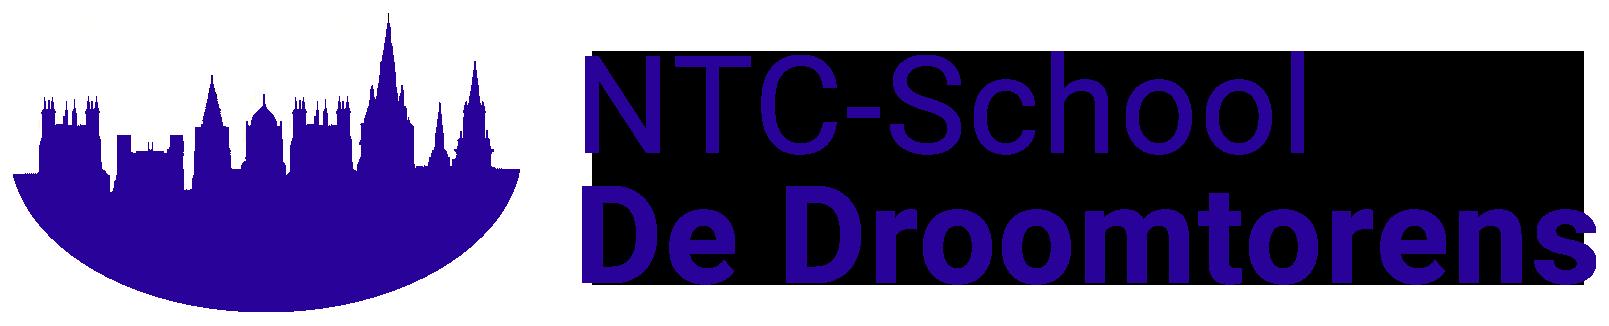 NTC-school De Droomtorens